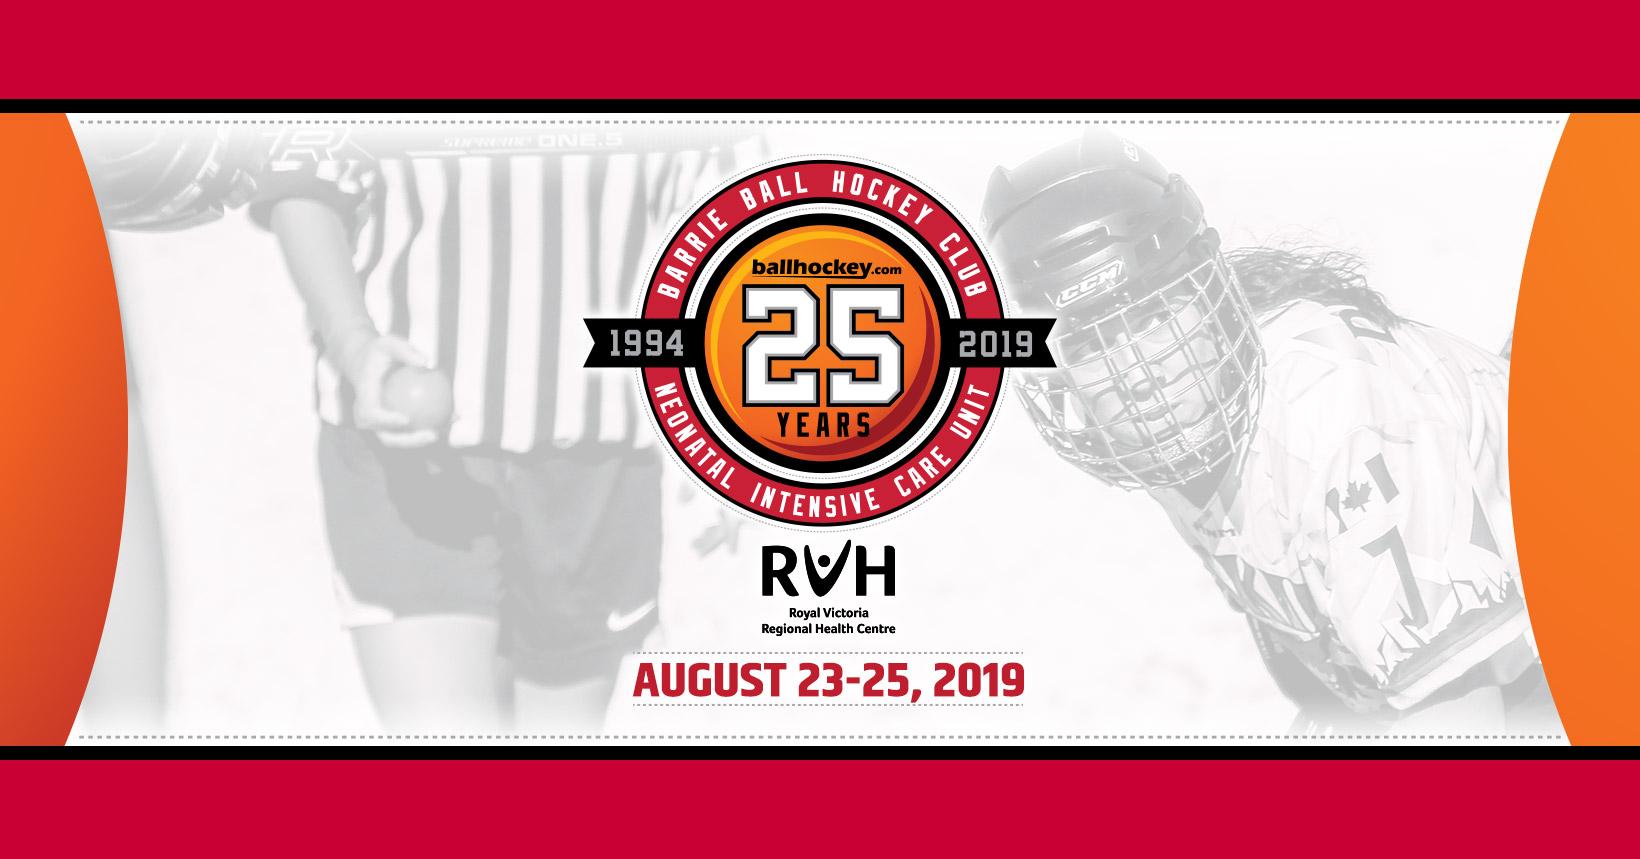 2019_RVH_3v3_Logo_2019_04_08_WEB.jpg